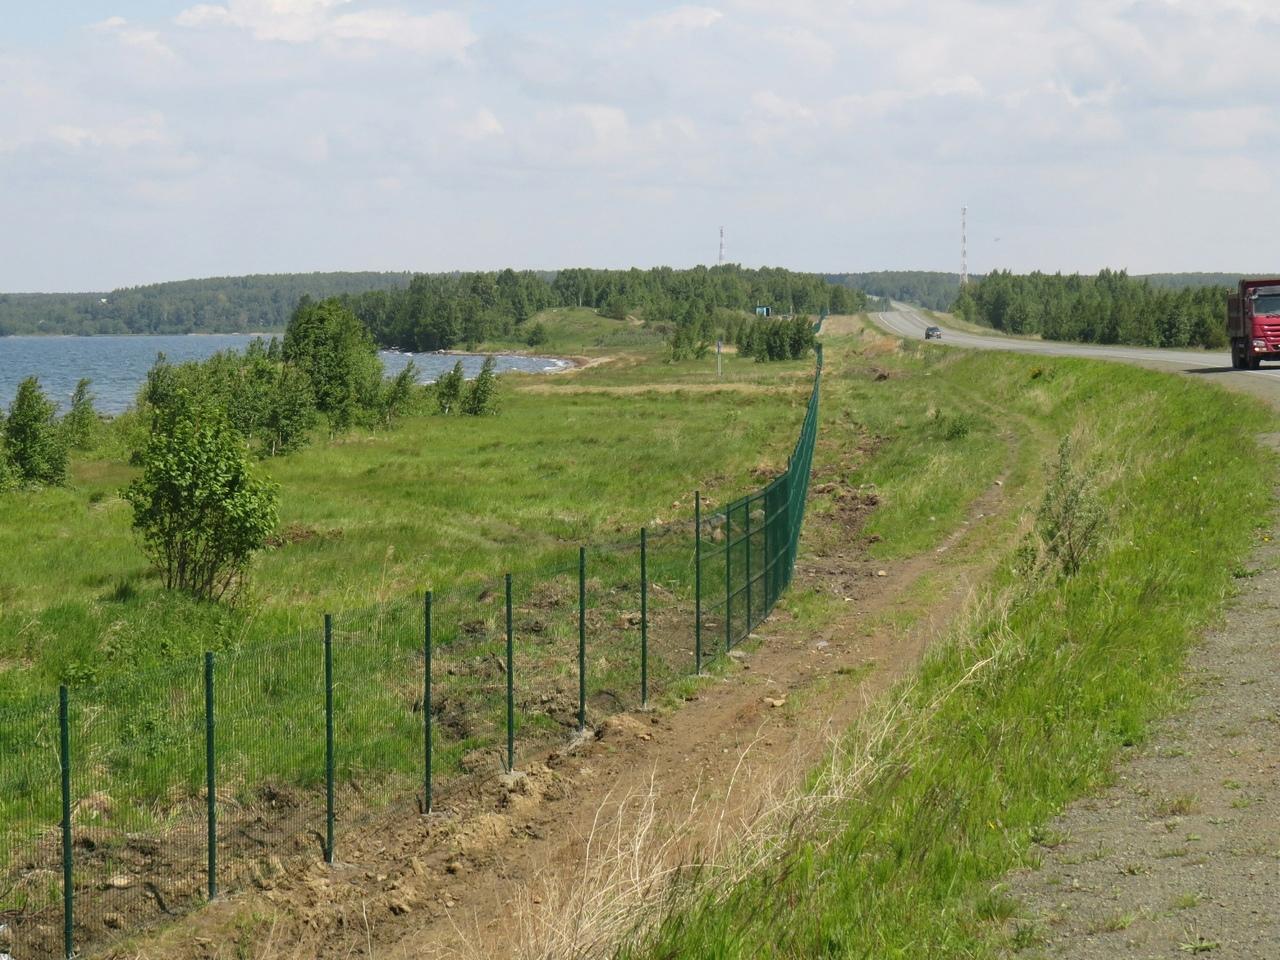 Жителям Челябинской области вернут бесплатный пляж на озере Увильды. Министерство экологии регион